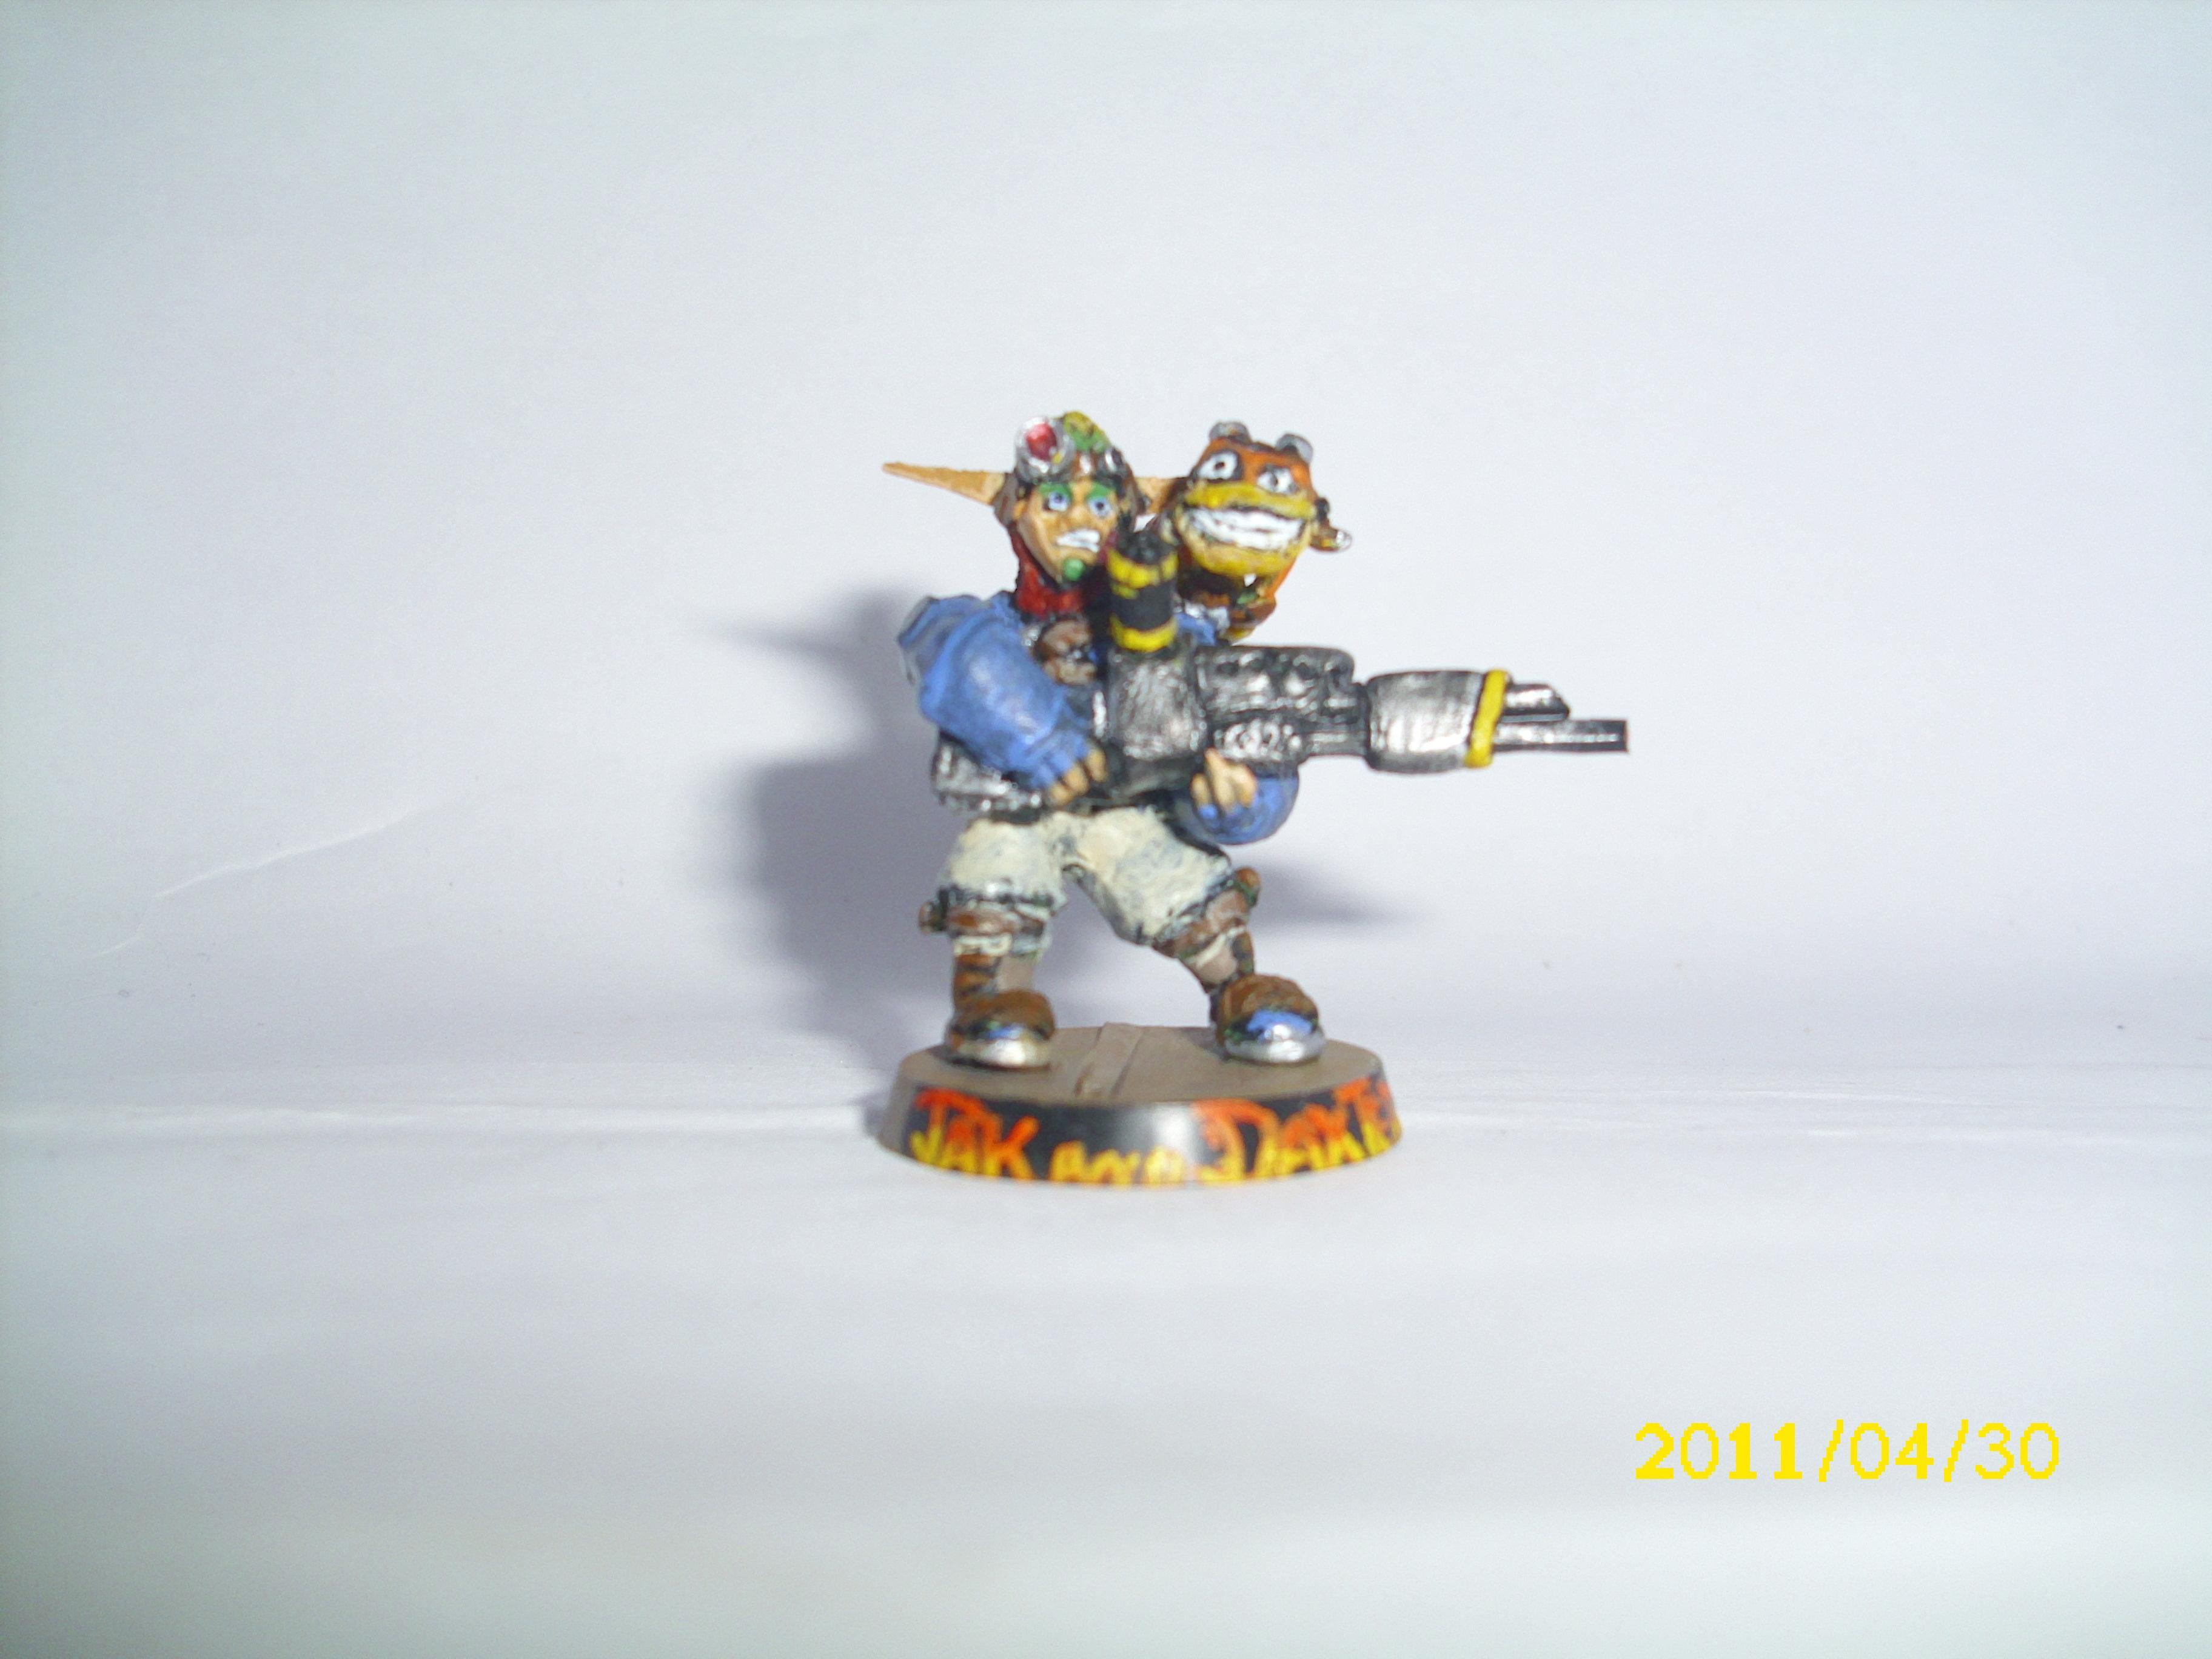 Daxter, Fan Art, Fan-made Model, Jak, Jak And Daxter, Warhammer 40,000, Warhammer Fantasy